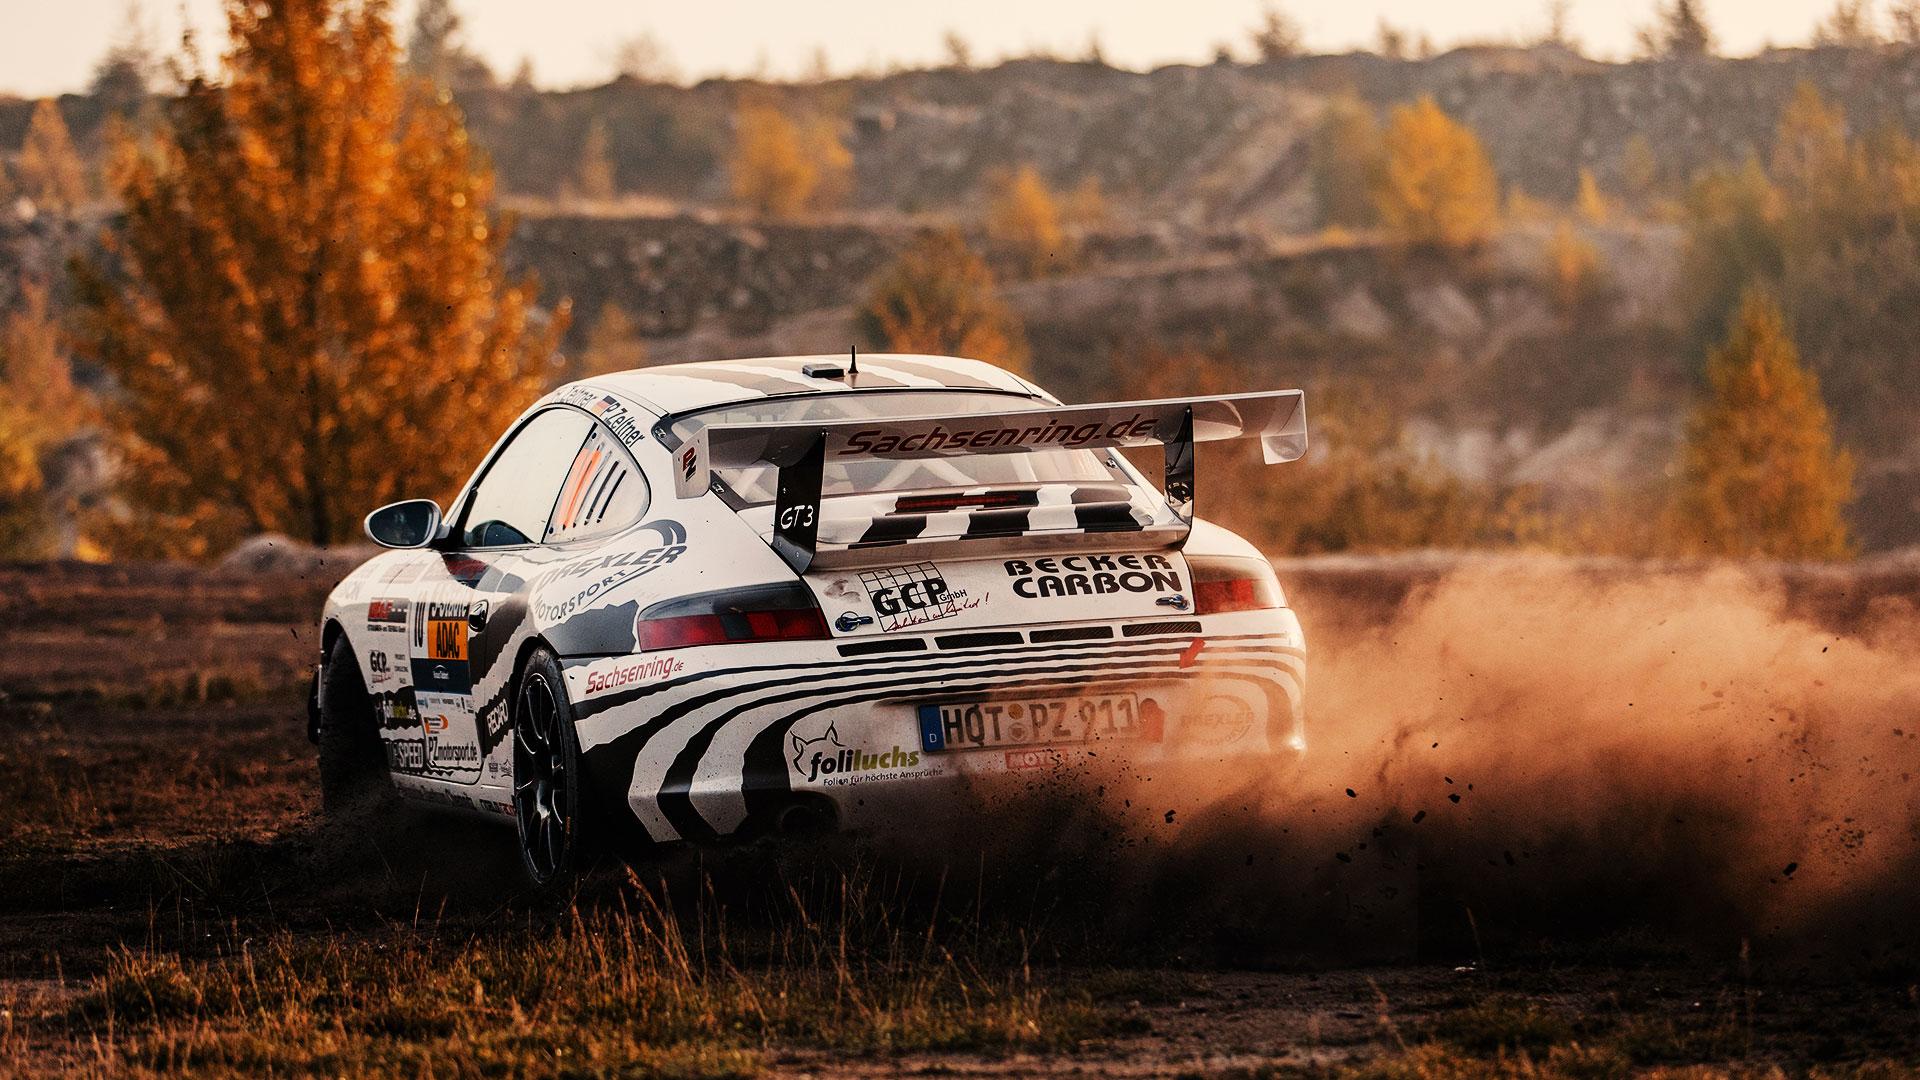 Porsche Top Rally Cars